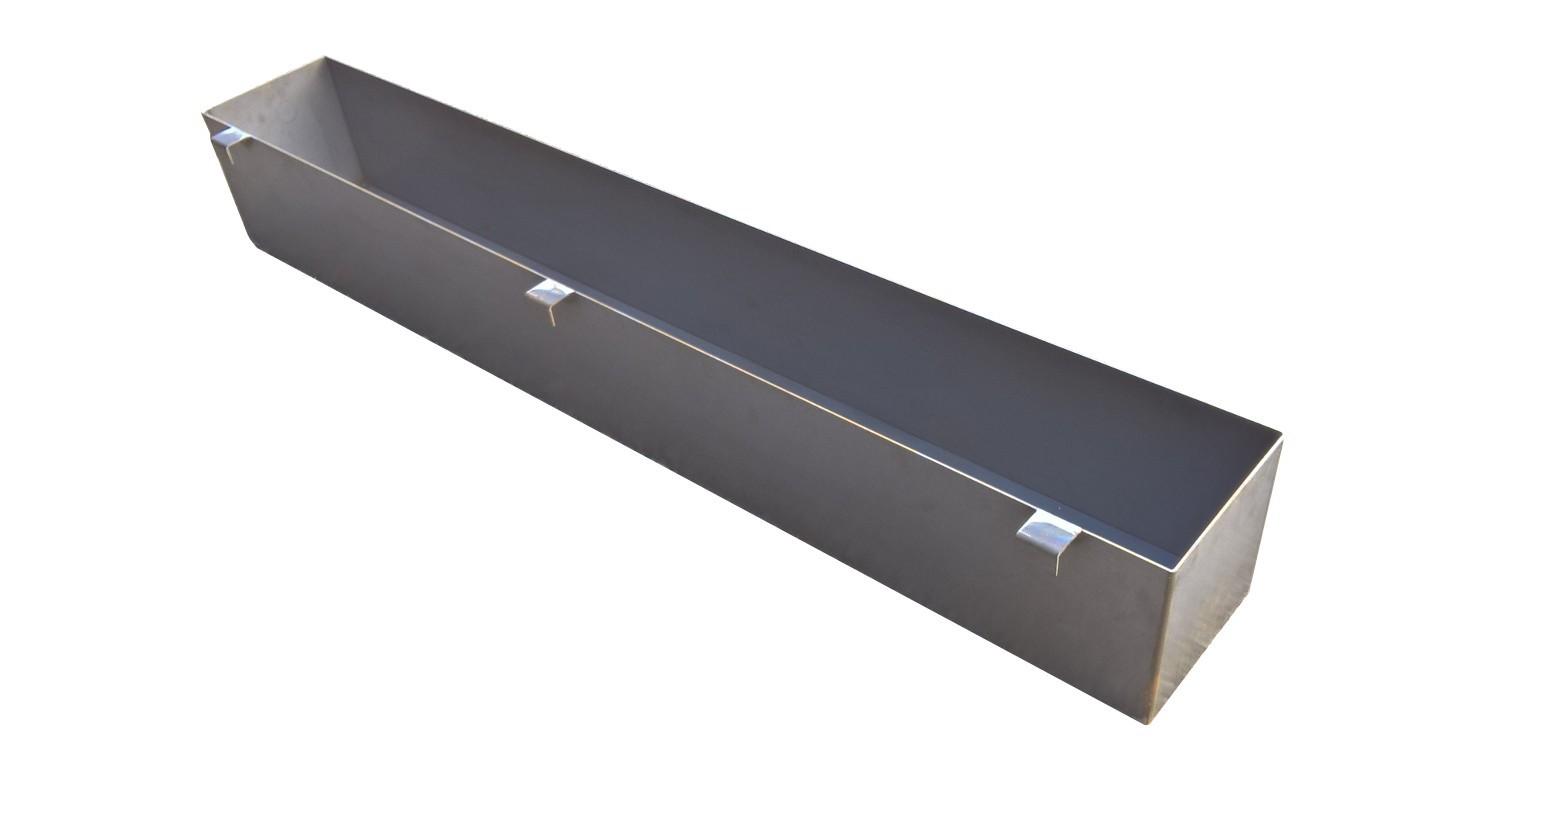 Balconnière corten 3mm - 175x25x25cm